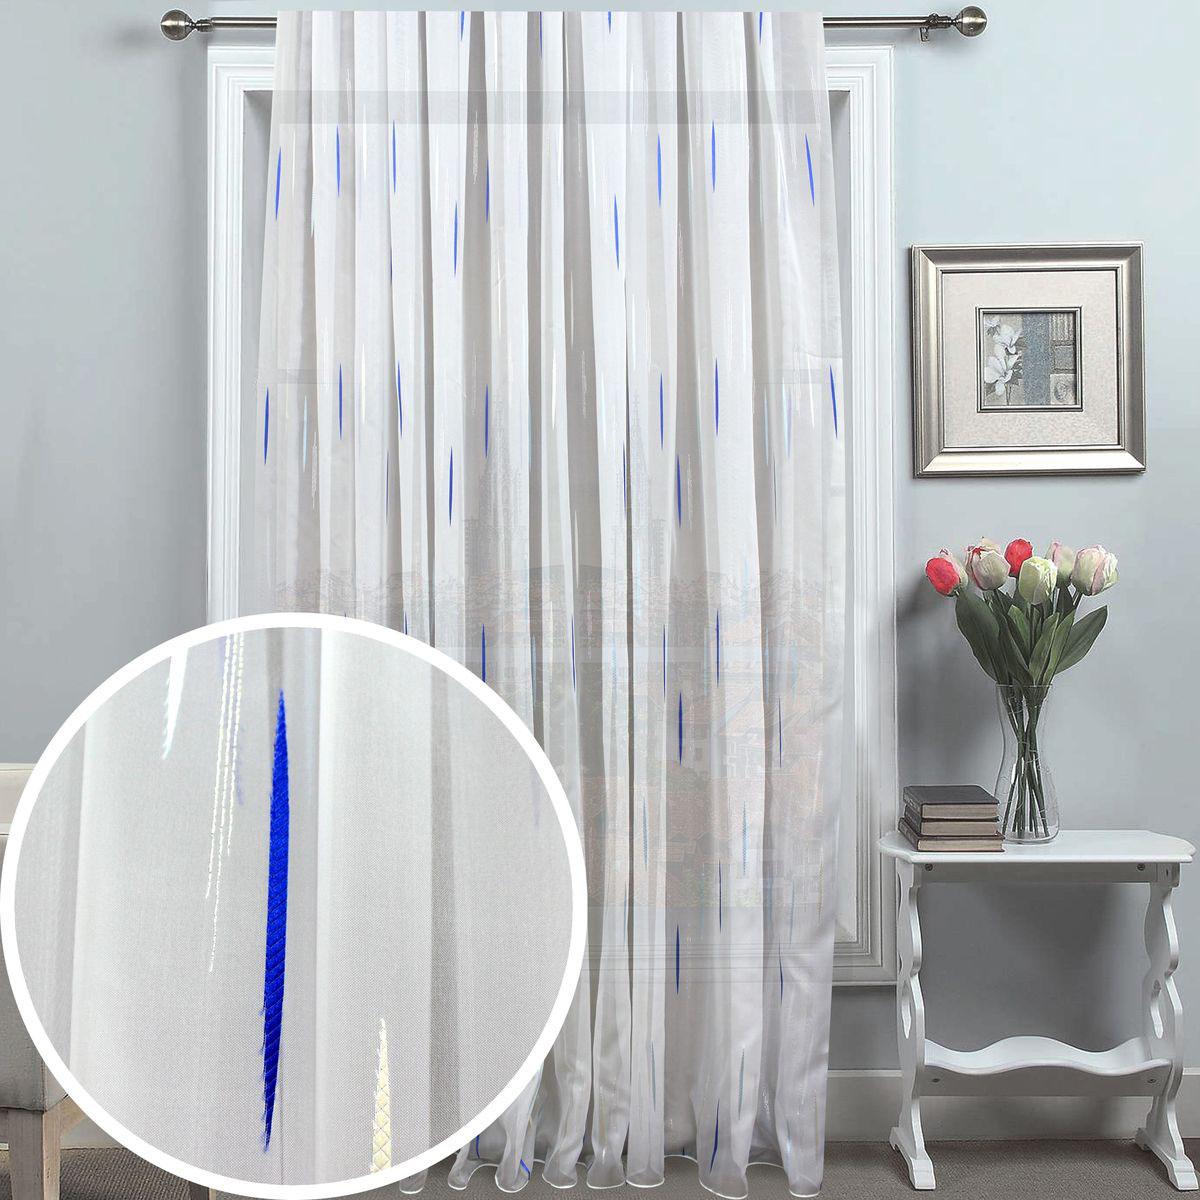 Тюль Amore Mio, на ленте, цвет: белый, синий, высота 270 см. 8124381243Тюль Amore Mio изготовлен из 100% полиэстера. Воздушная ткань привлечет к себе внимание и идеально оформит интерьер любого помещения. Полиэстер - вид ткани, состоящий из полиэфирных волокон. Ткани из полиэстера легкие, прочные и износостойкие. Такие изделия не требуют специального ухода, не пылятся и почти не мнутся.Крепление к карнизу осуществляется при помощи вшитой шторной ленты.